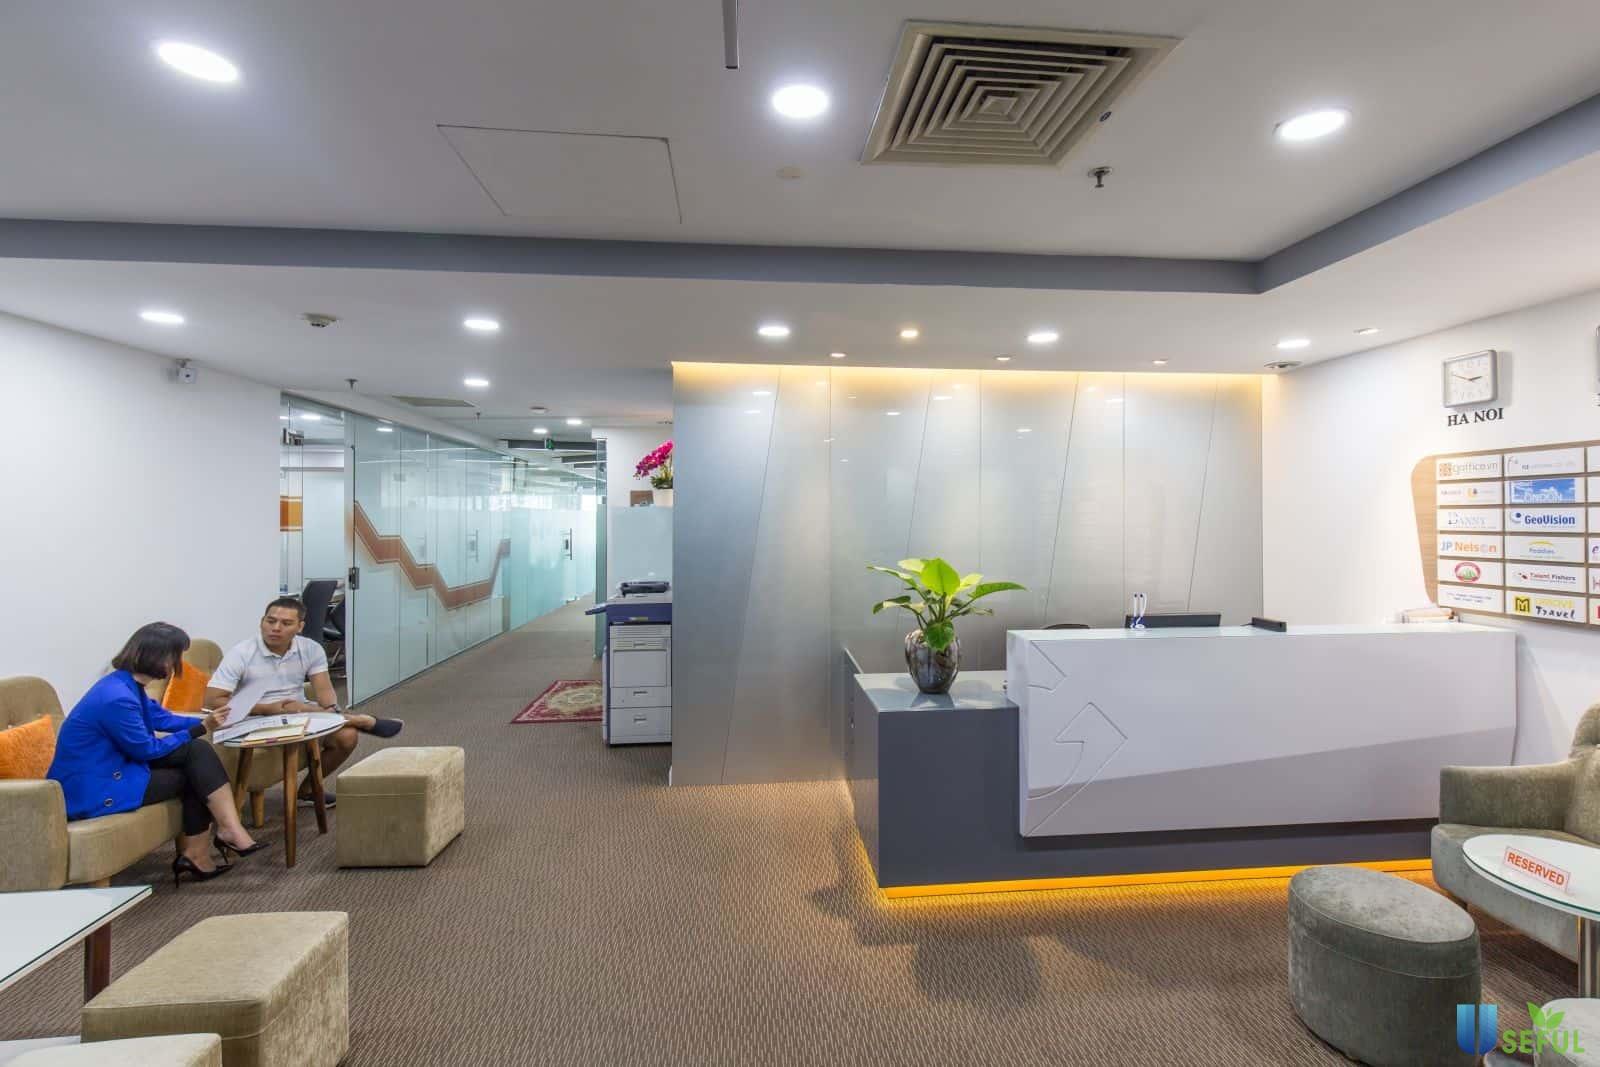 Công văn chấm dứt hợp đồng thuê văn phòng và các vấn đề xung quanh